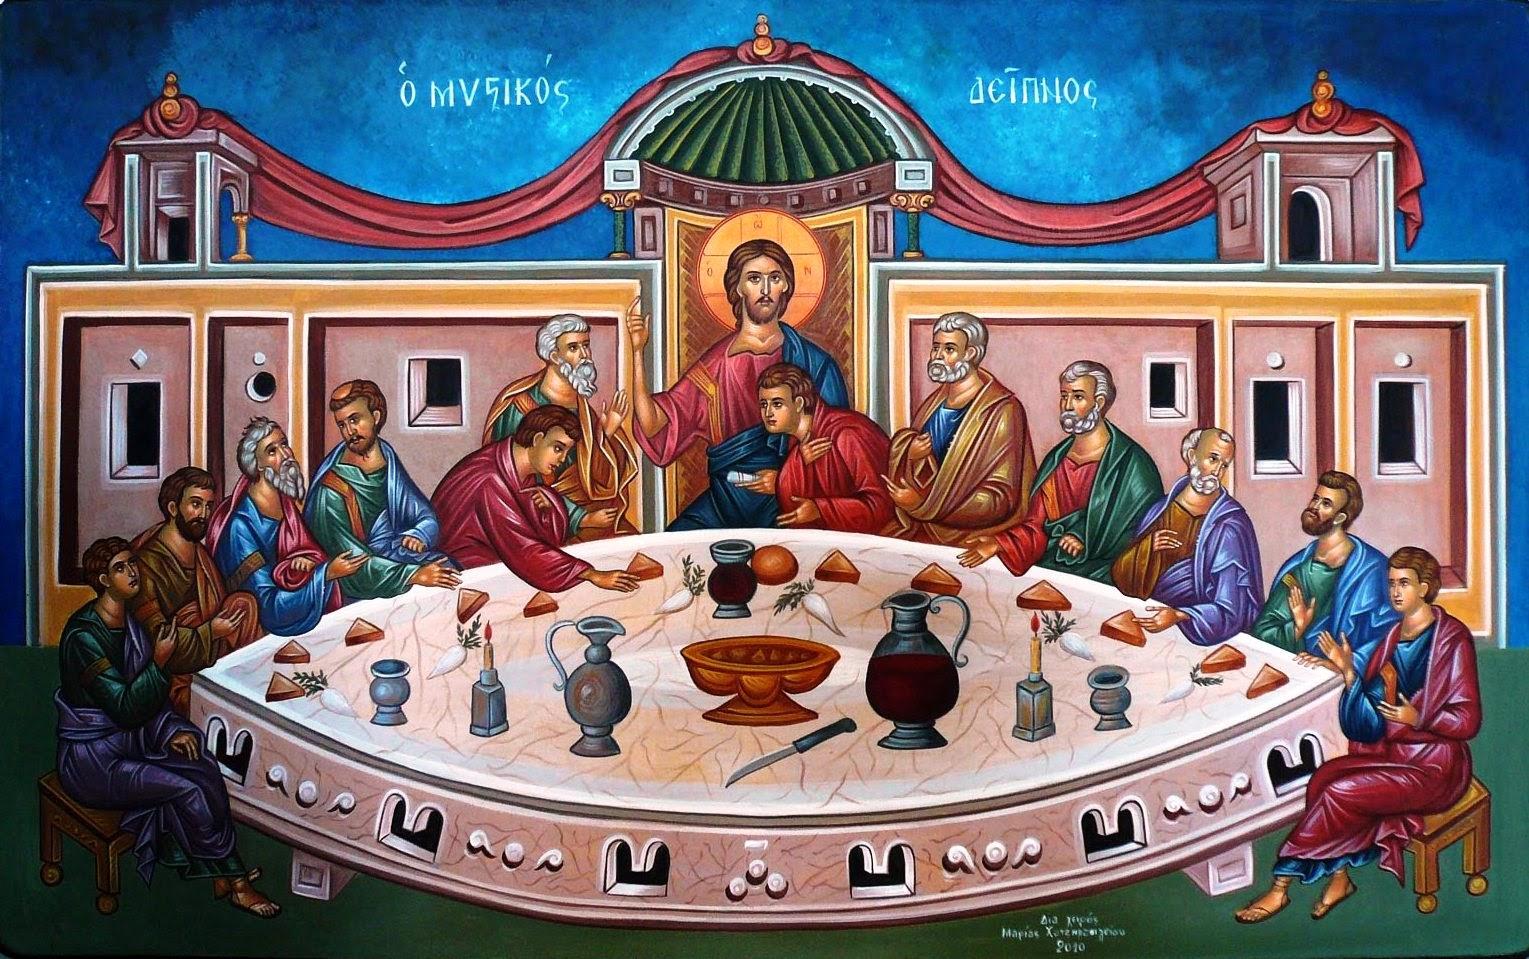 Μαθήματα Μεγάλης Εβδομάδος του μακαριστού Επισκόπου Αυγουστίνου Καντιώτη